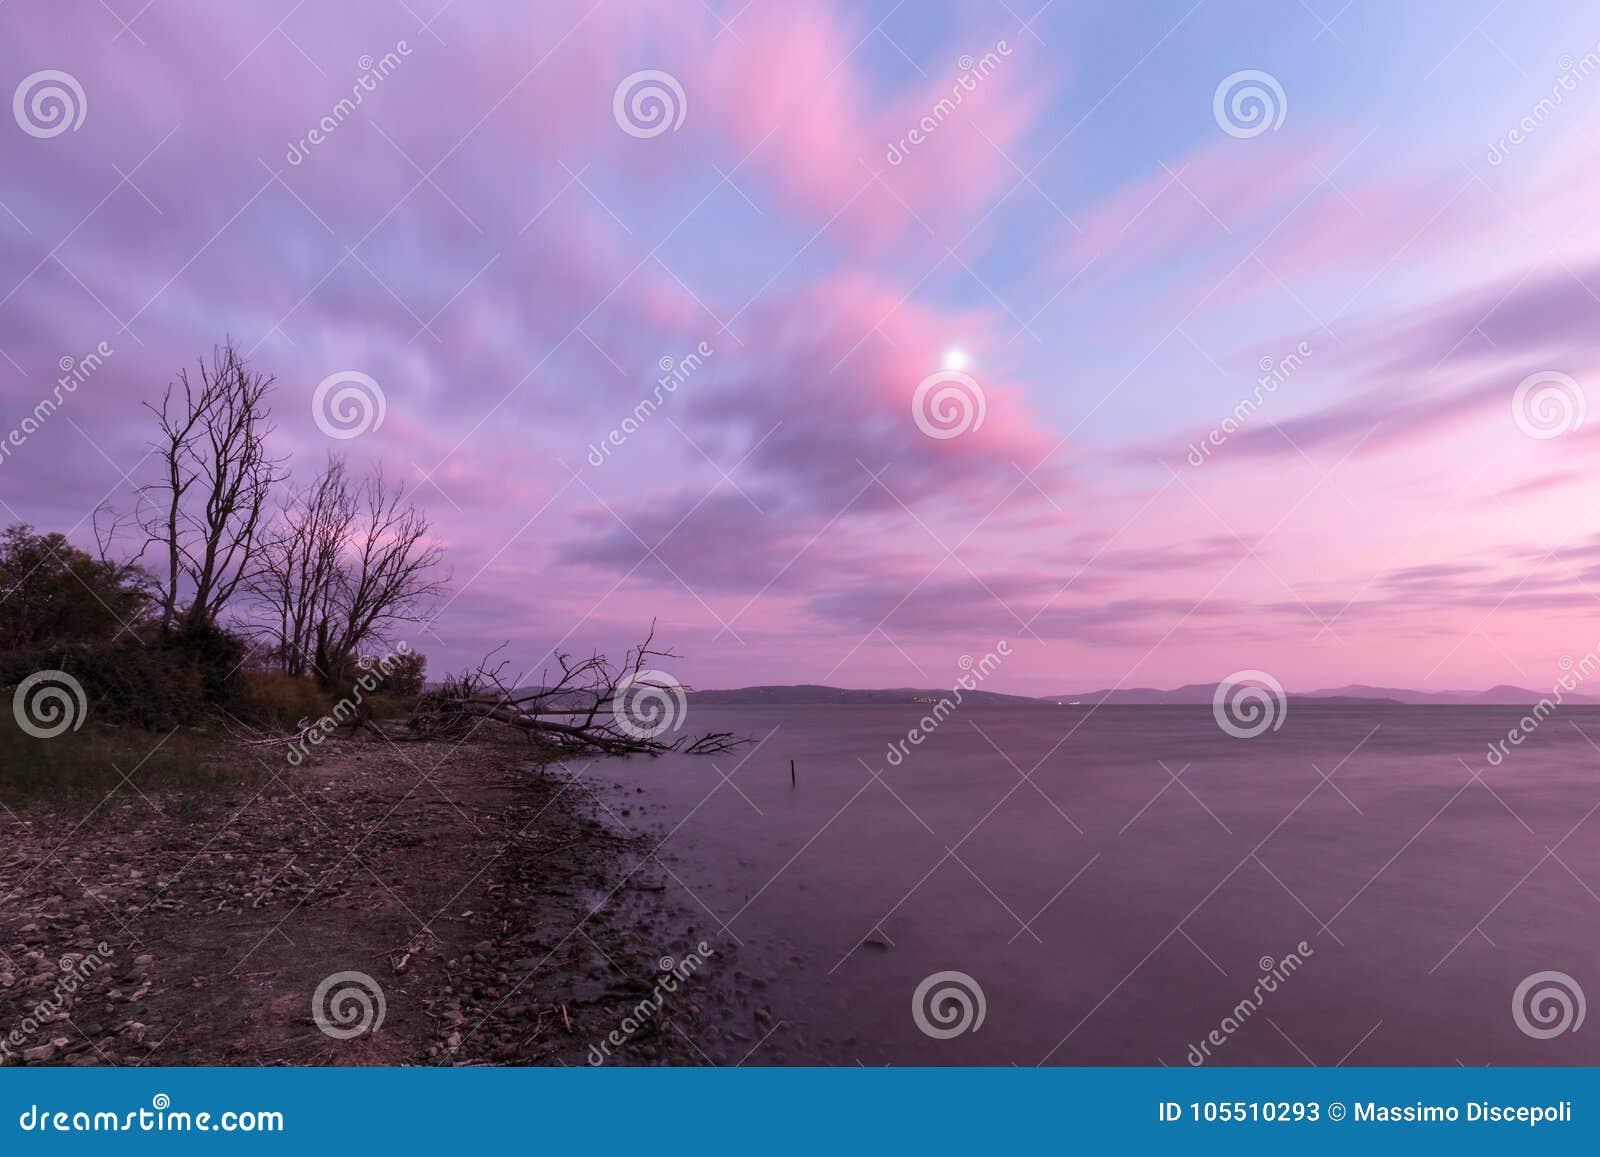 Mening van een meerkust bij zonsondergang, met installaties, bomen, mooie pu